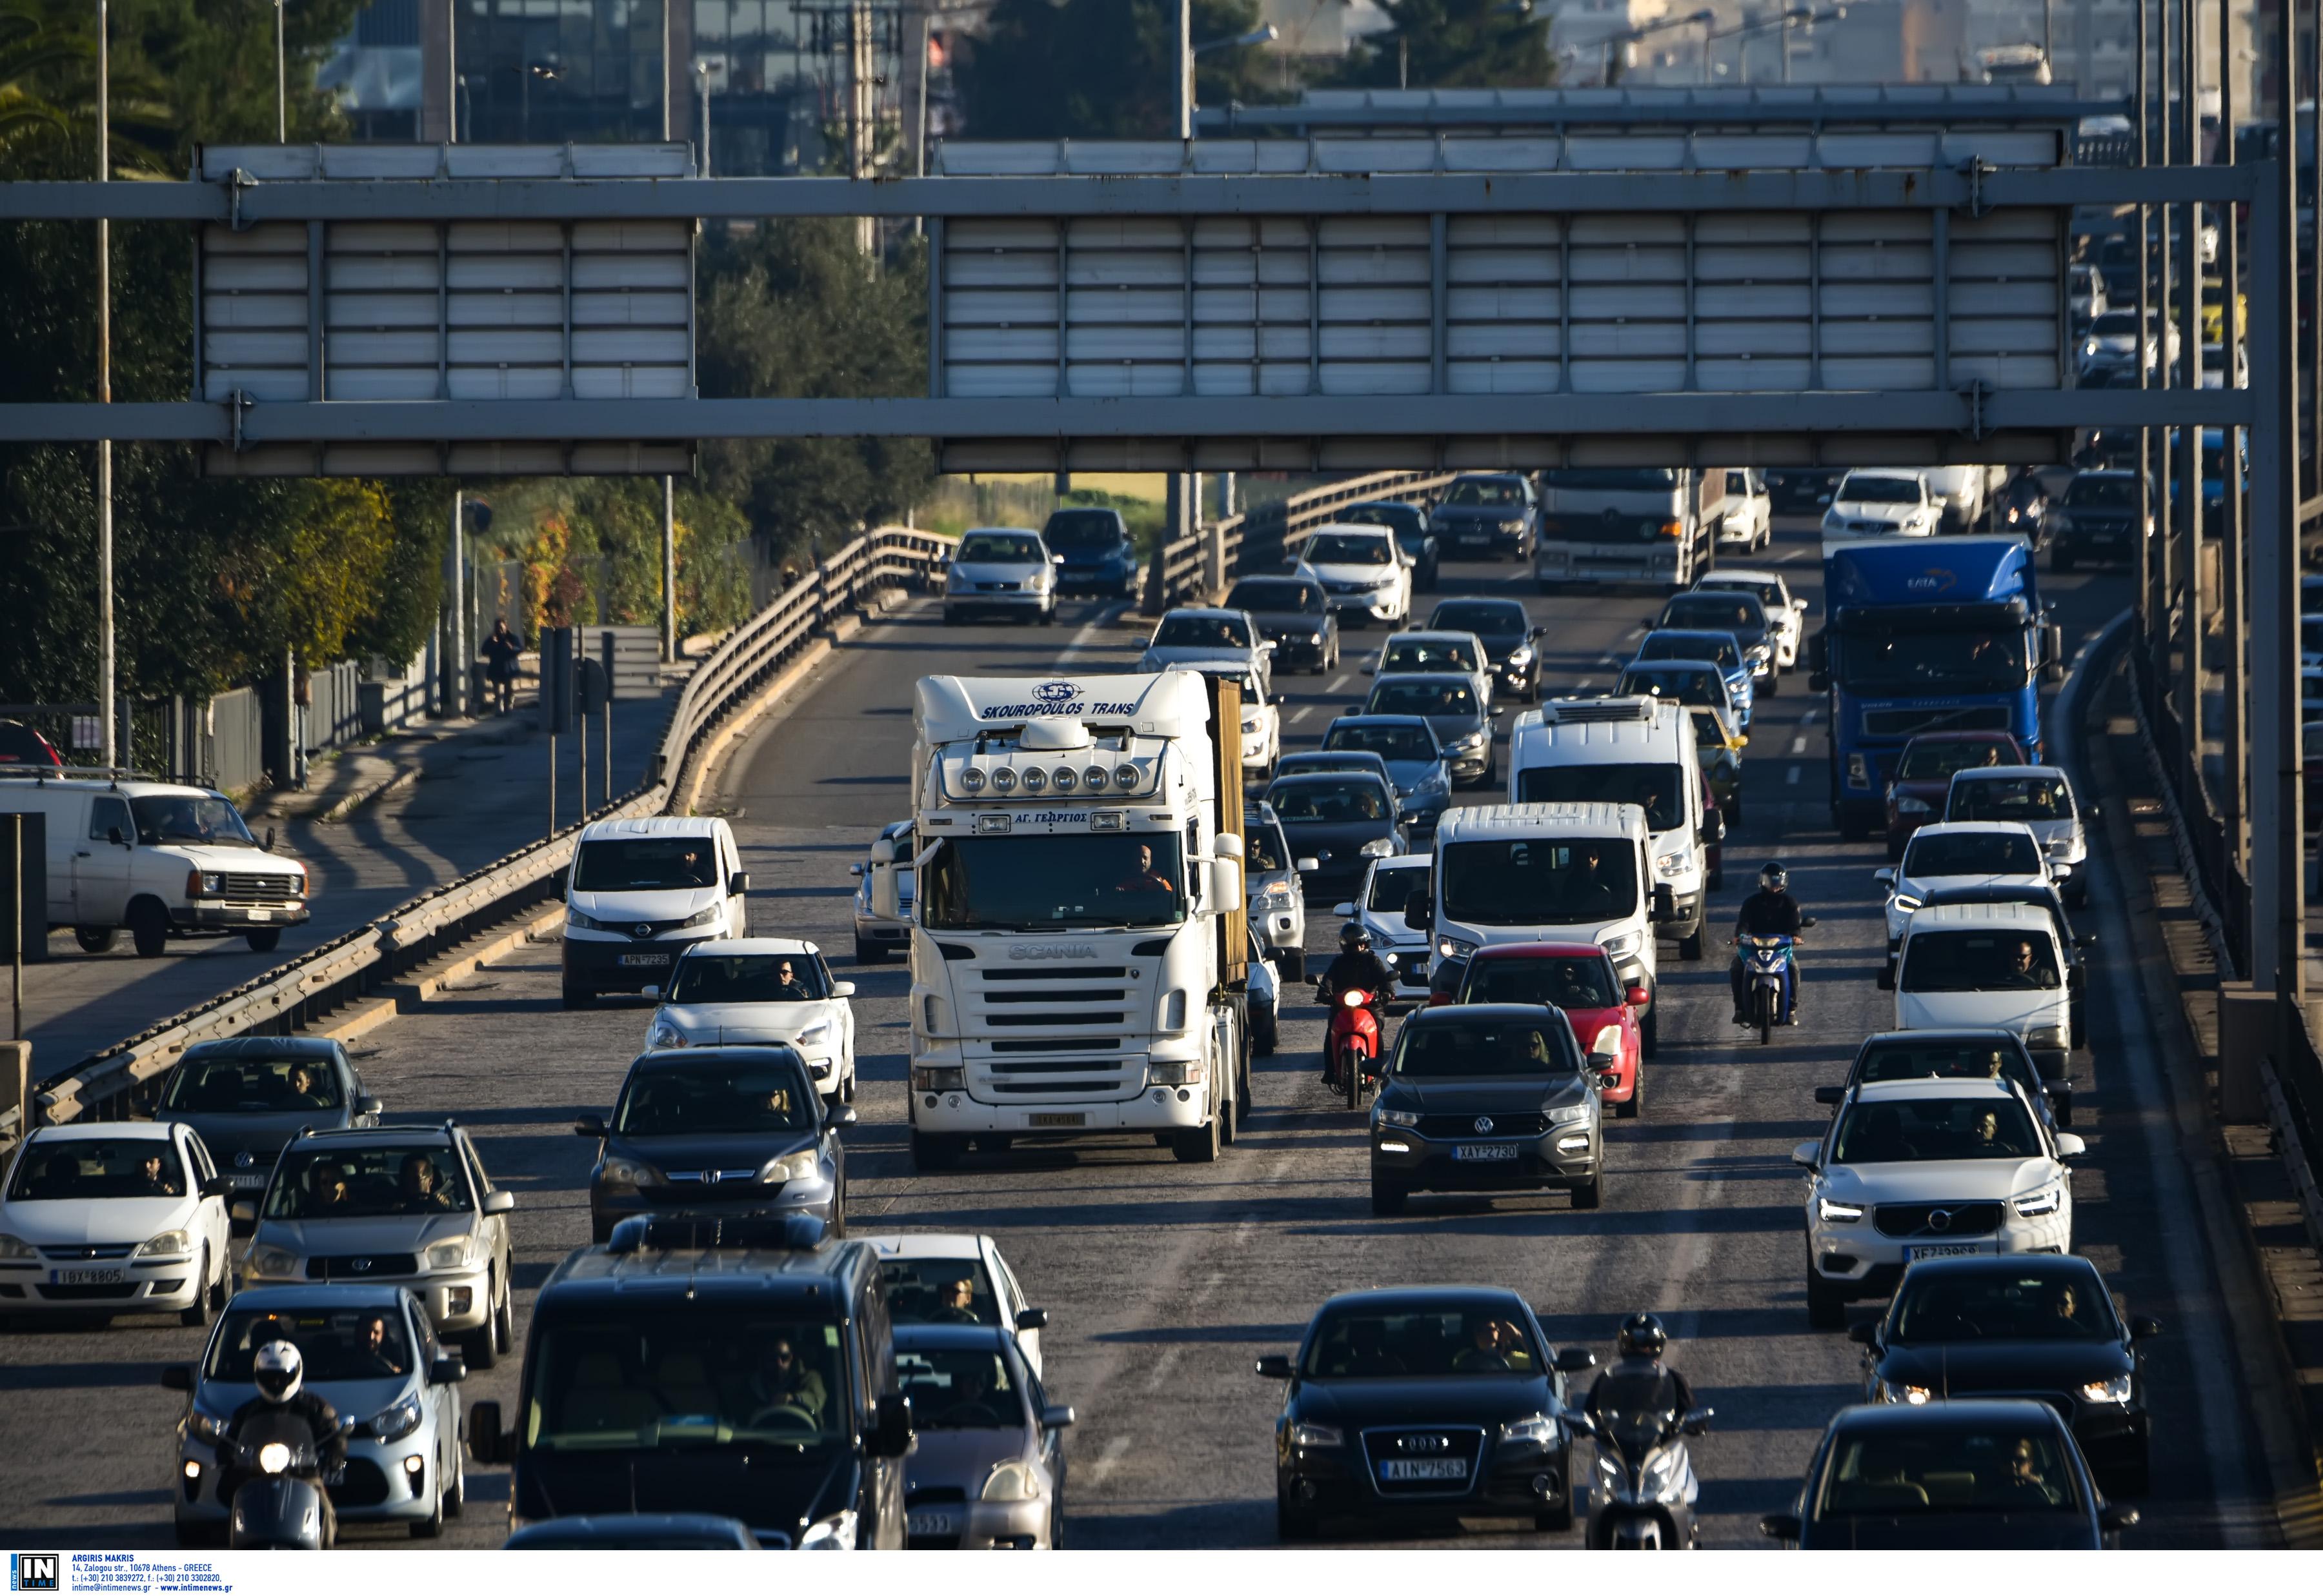 Μποτιλιάρισμα στην Αθηνών – Λαμίας– Ποιους δρόμους να αποφύγετε